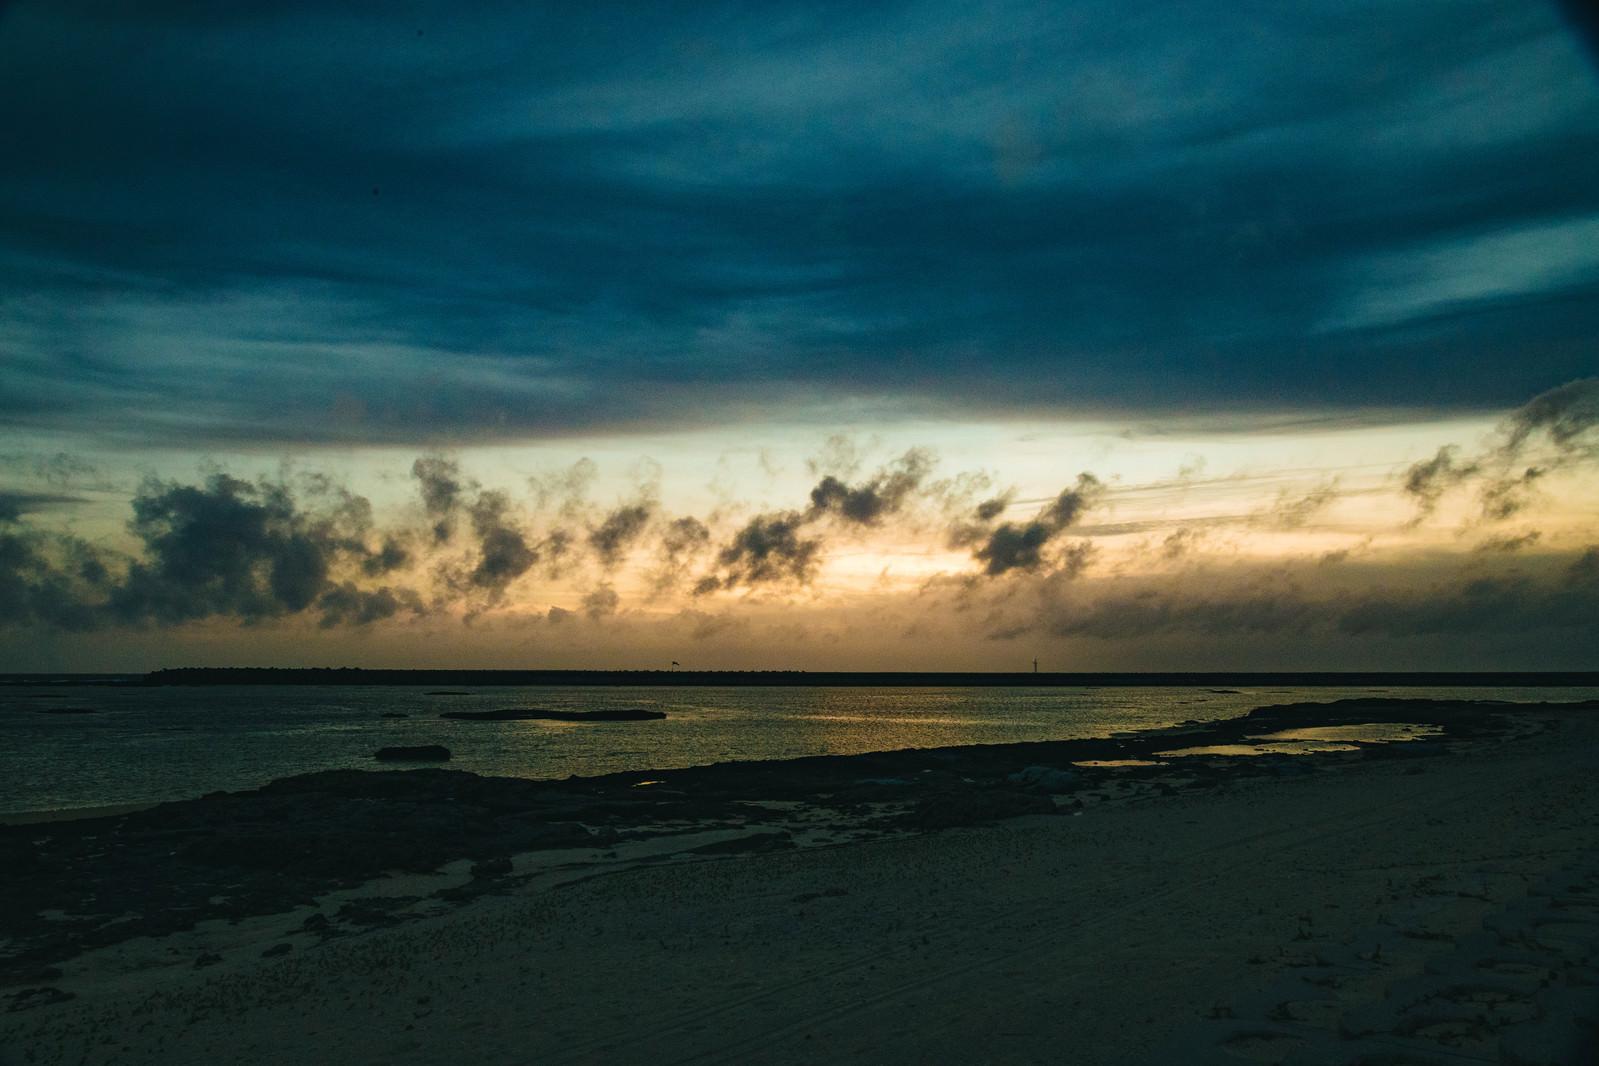 「日没に焼ける空と海」の写真